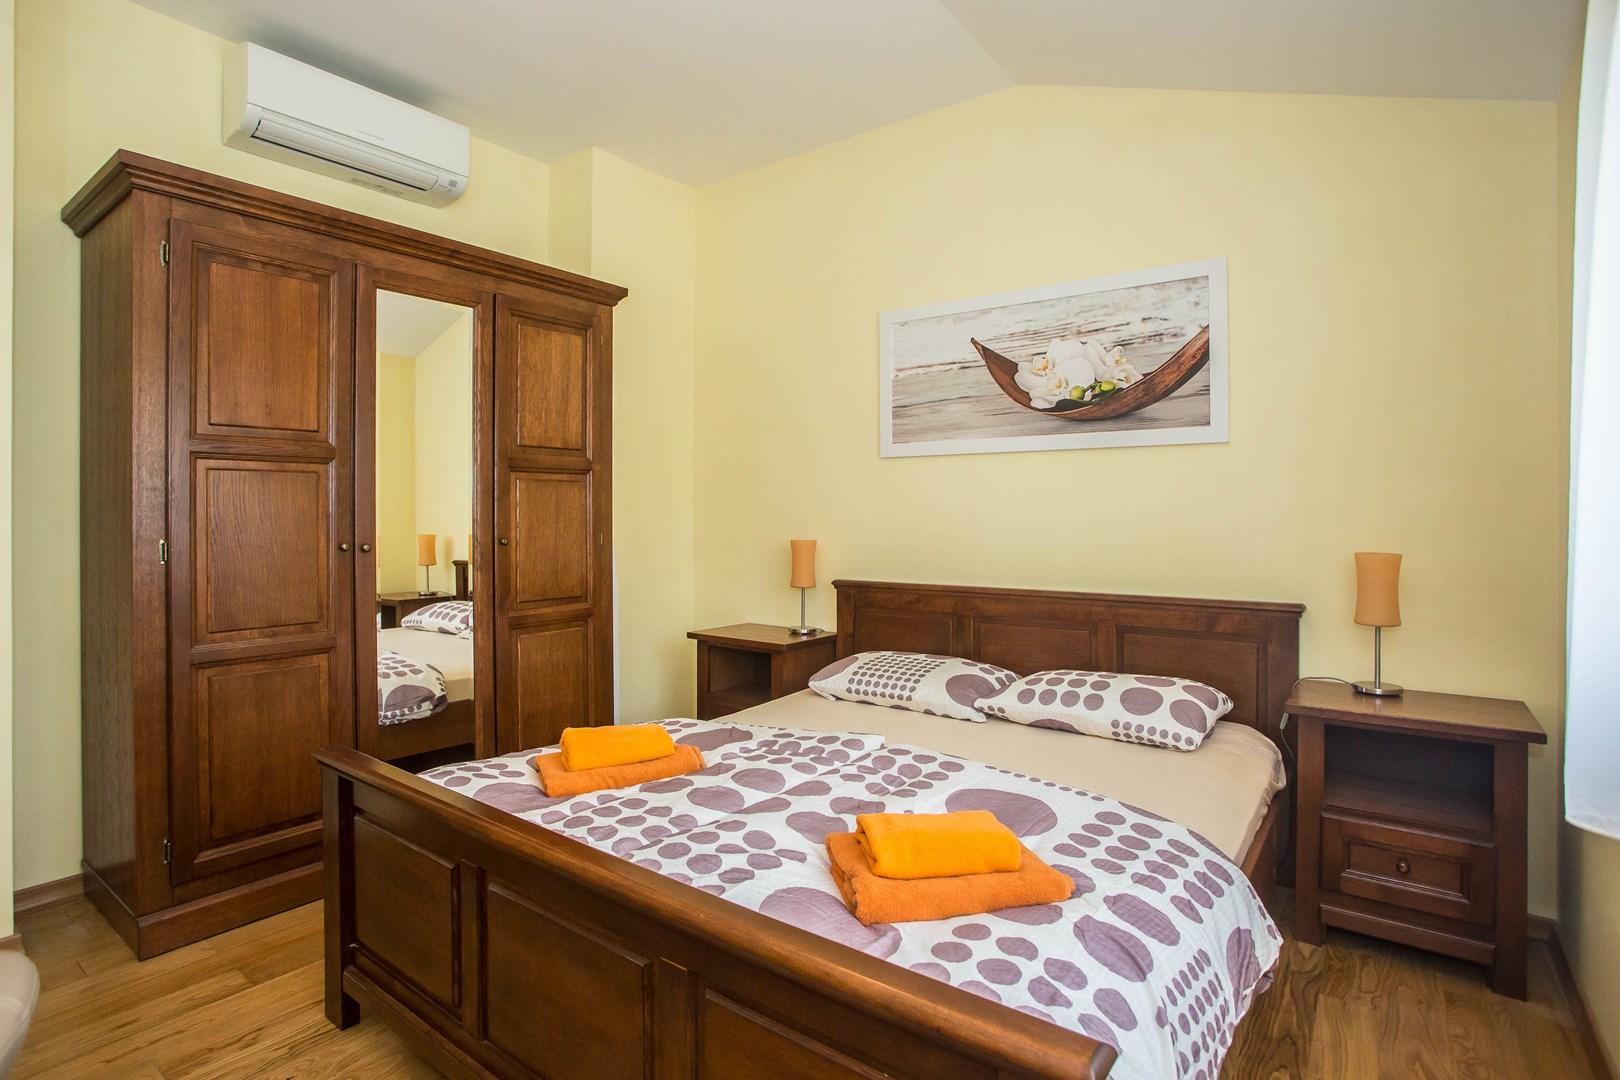 Ferienwohnung Apartment Stanko II mit 1 Schlafzimmer und Balkon (2281012), Vrvari, , Istrien, Kroatien, Bild 24